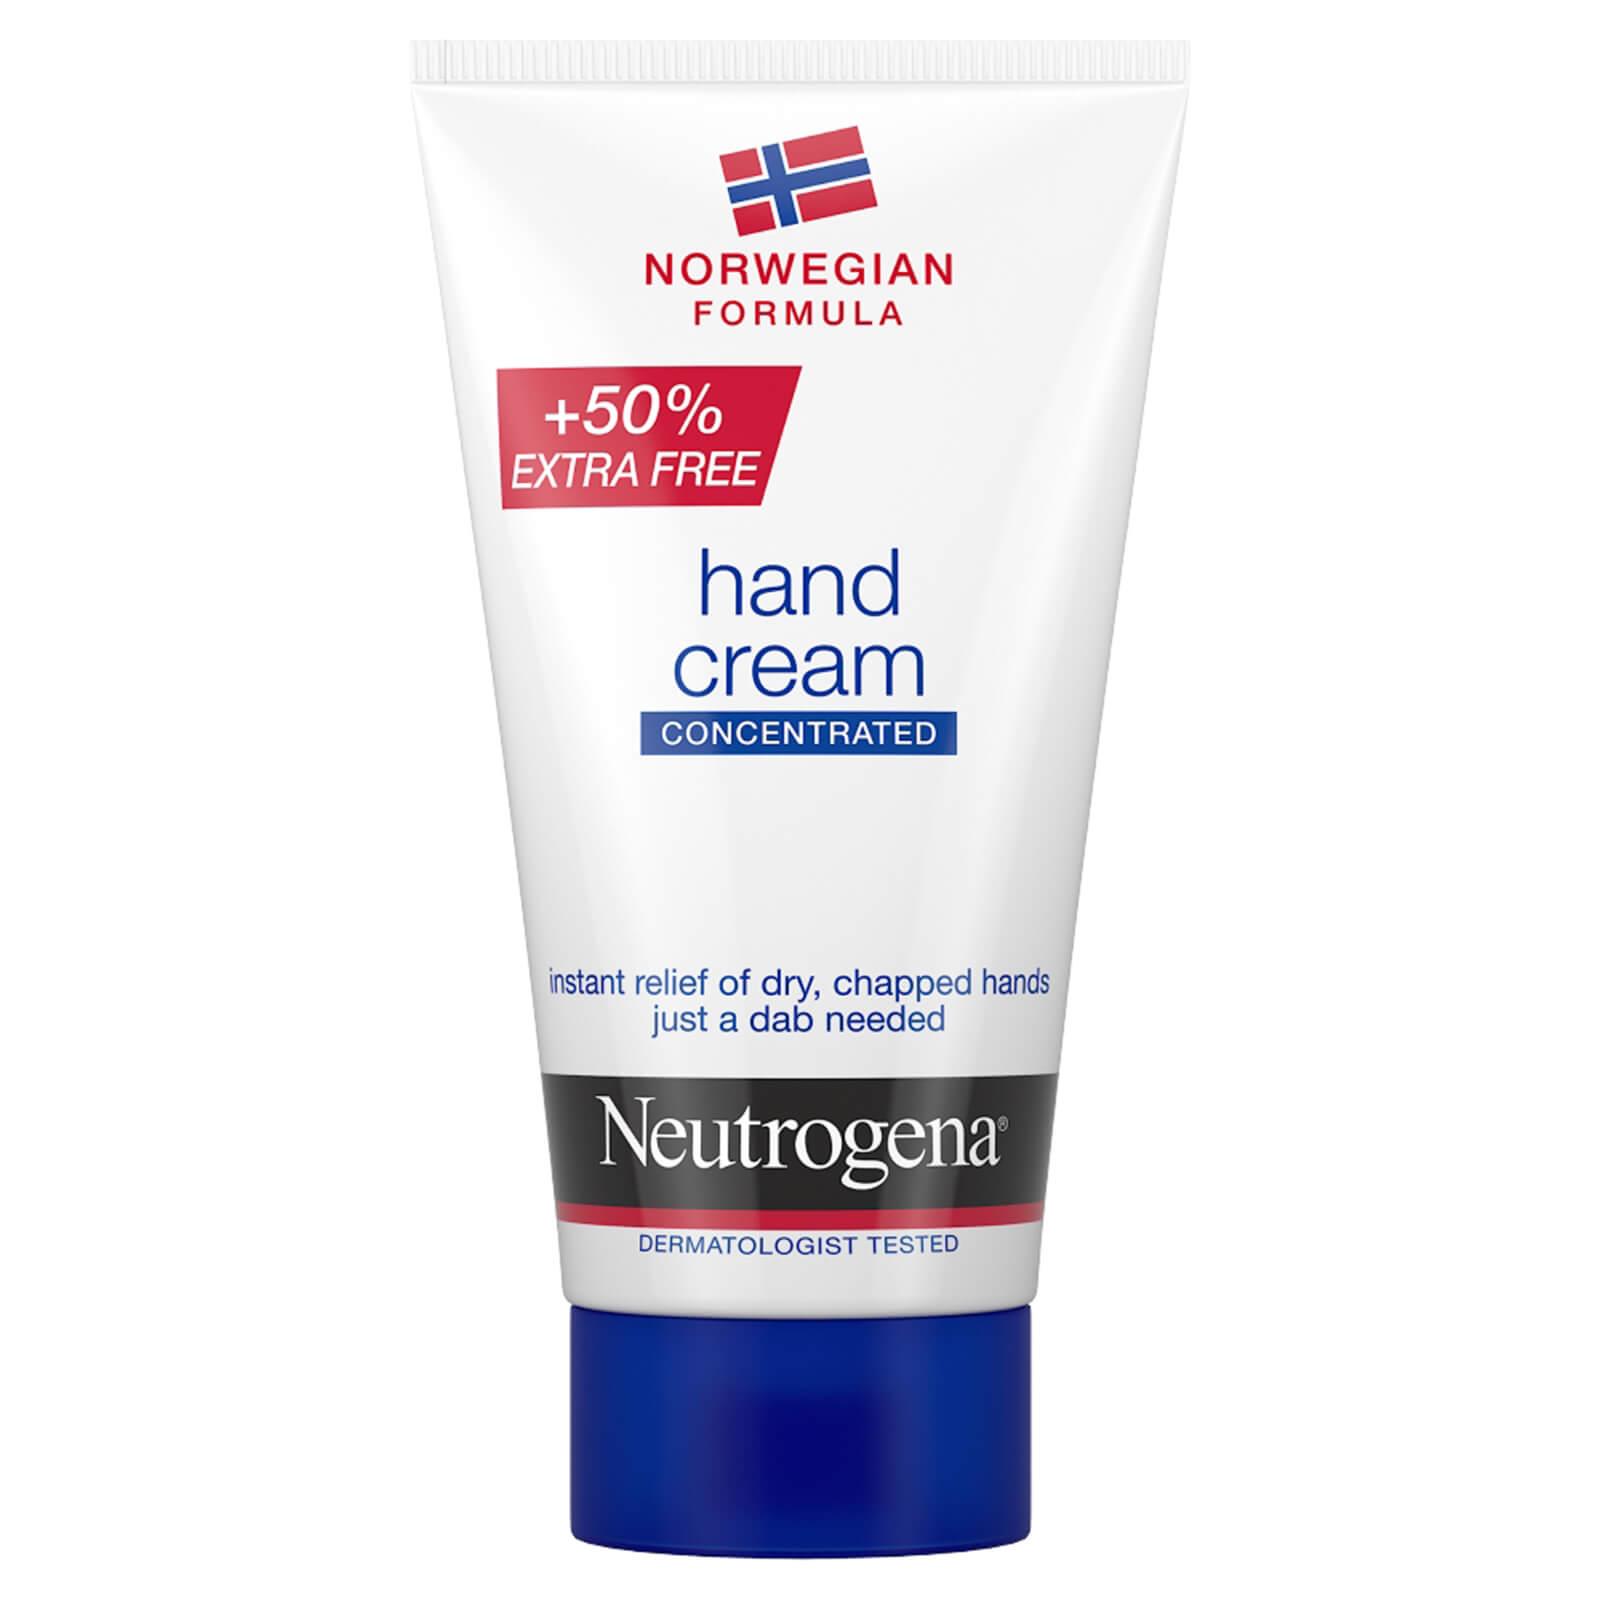 Купить Концентрированный крем для рук Neutrogena Norwegian Formula Concentrated Hand Cream 75 мл